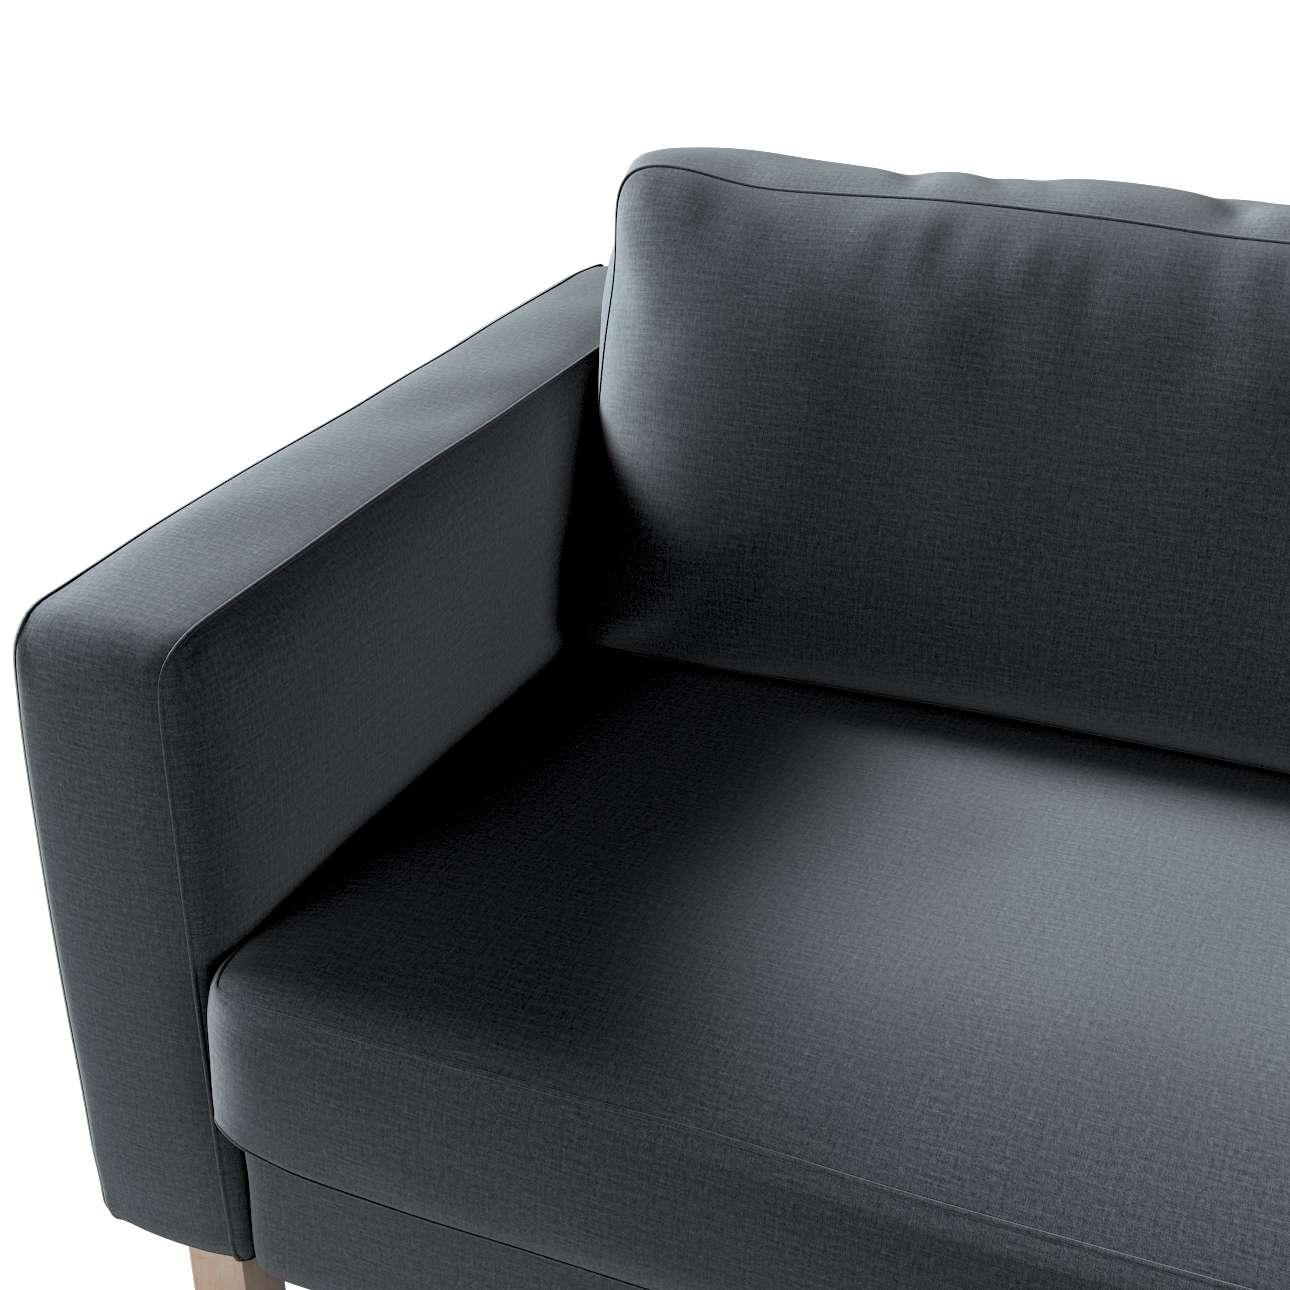 Pokrowiec na sofę Karlstad 3-osobową nierozkładaną, krótki w kolekcji Ingrid, tkanina: 705-43